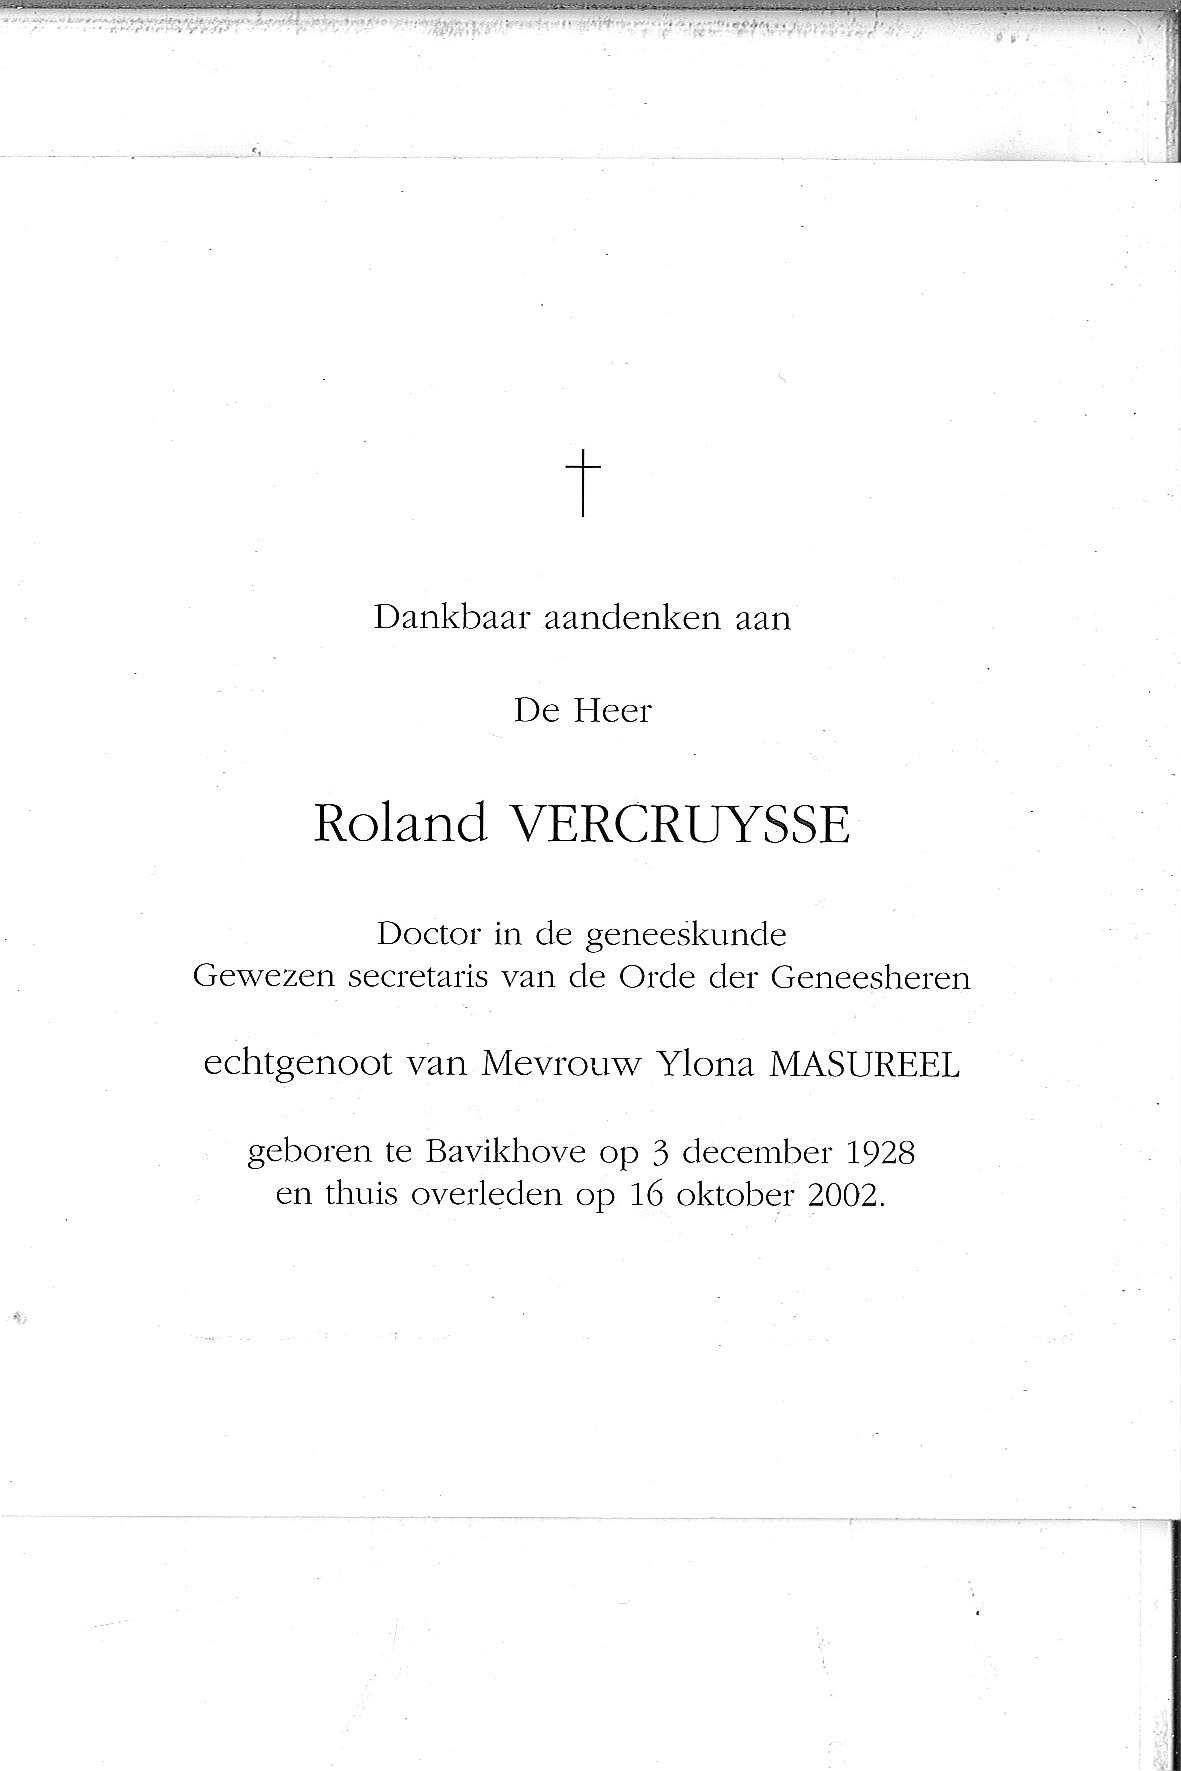 Roland(2002)20130131104109_00060.jpg